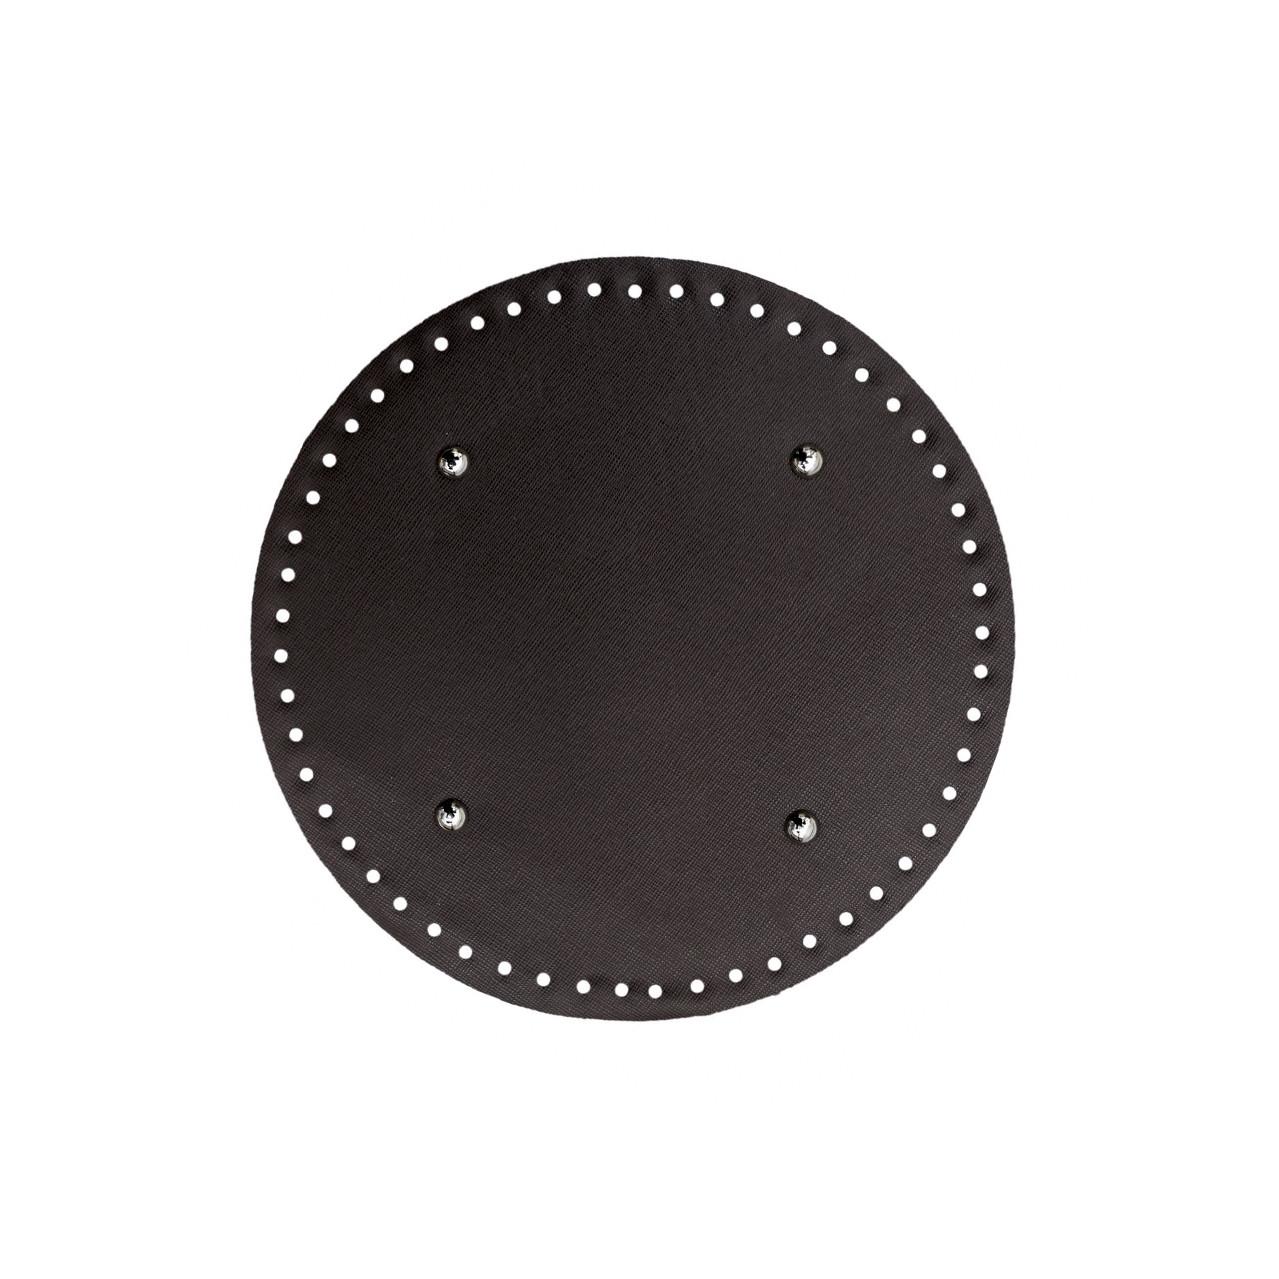 АКЦИЯ Донышко круглое для сумки экокожа Шоколад Ø 22 см с ножками фурнитура серебро